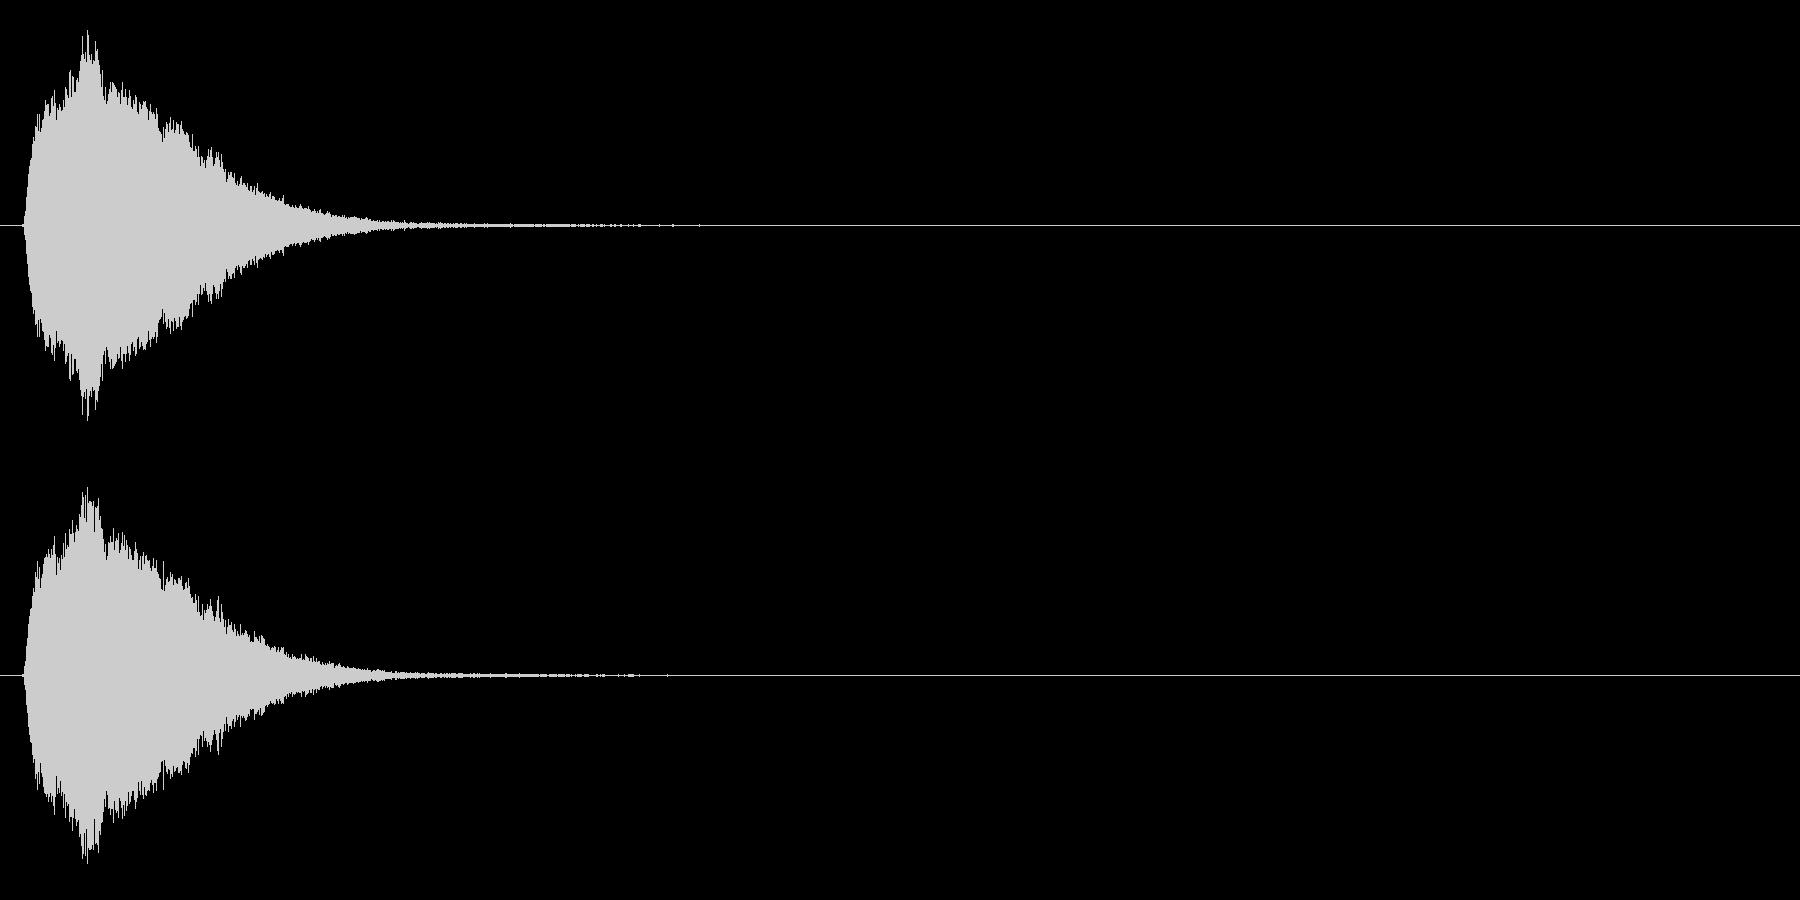 場面転換の効果音(シンセ、ポップ)の未再生の波形